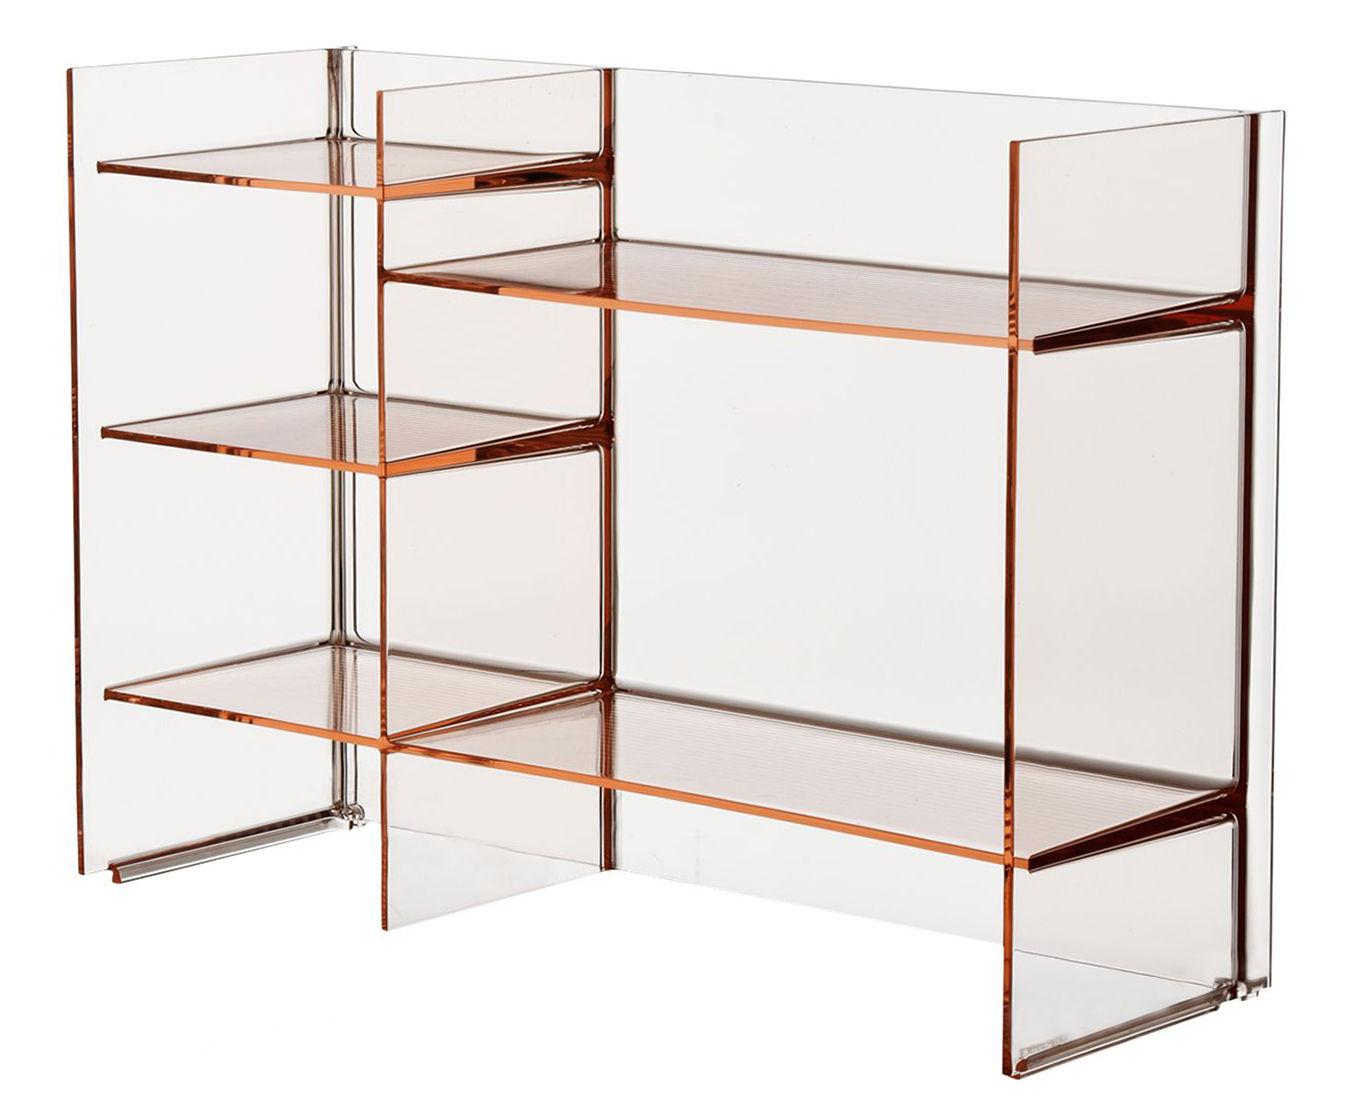 sound rack l 75 cm x h 53 cm kartell aufbewahrungsm bel. Black Bedroom Furniture Sets. Home Design Ideas